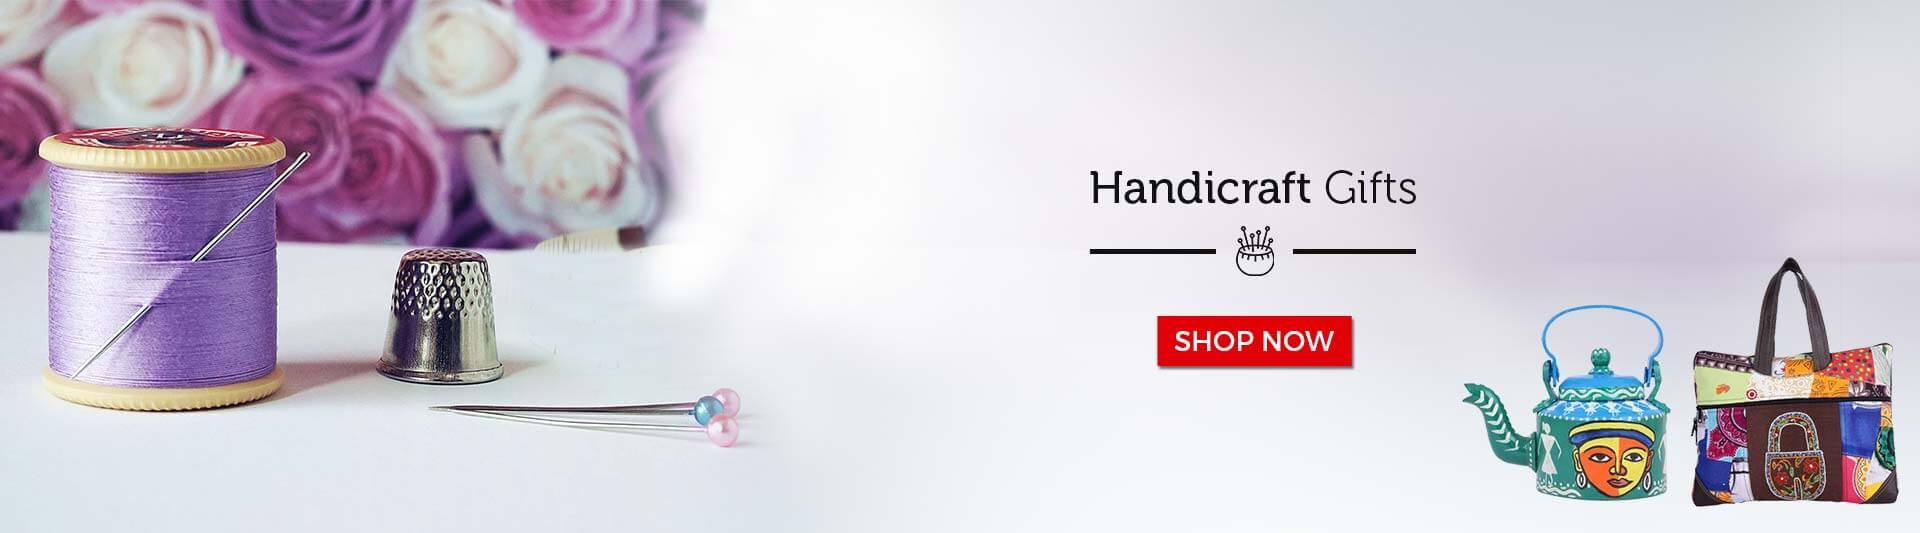 Order Home Decor Gifts Online, Online Laptop Bag Delivery